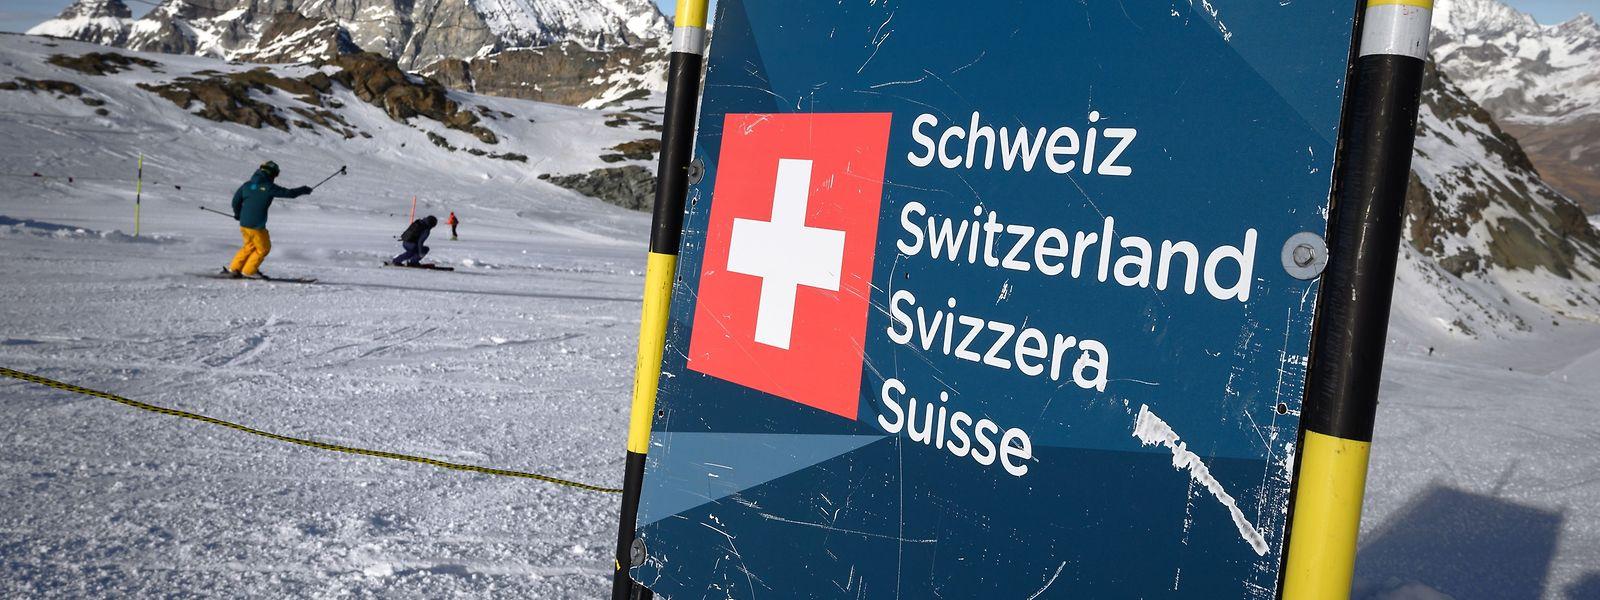 Die Skigebiete in der Eidgenossenschaft sollen für den Inlandstourismus offen bleiben.